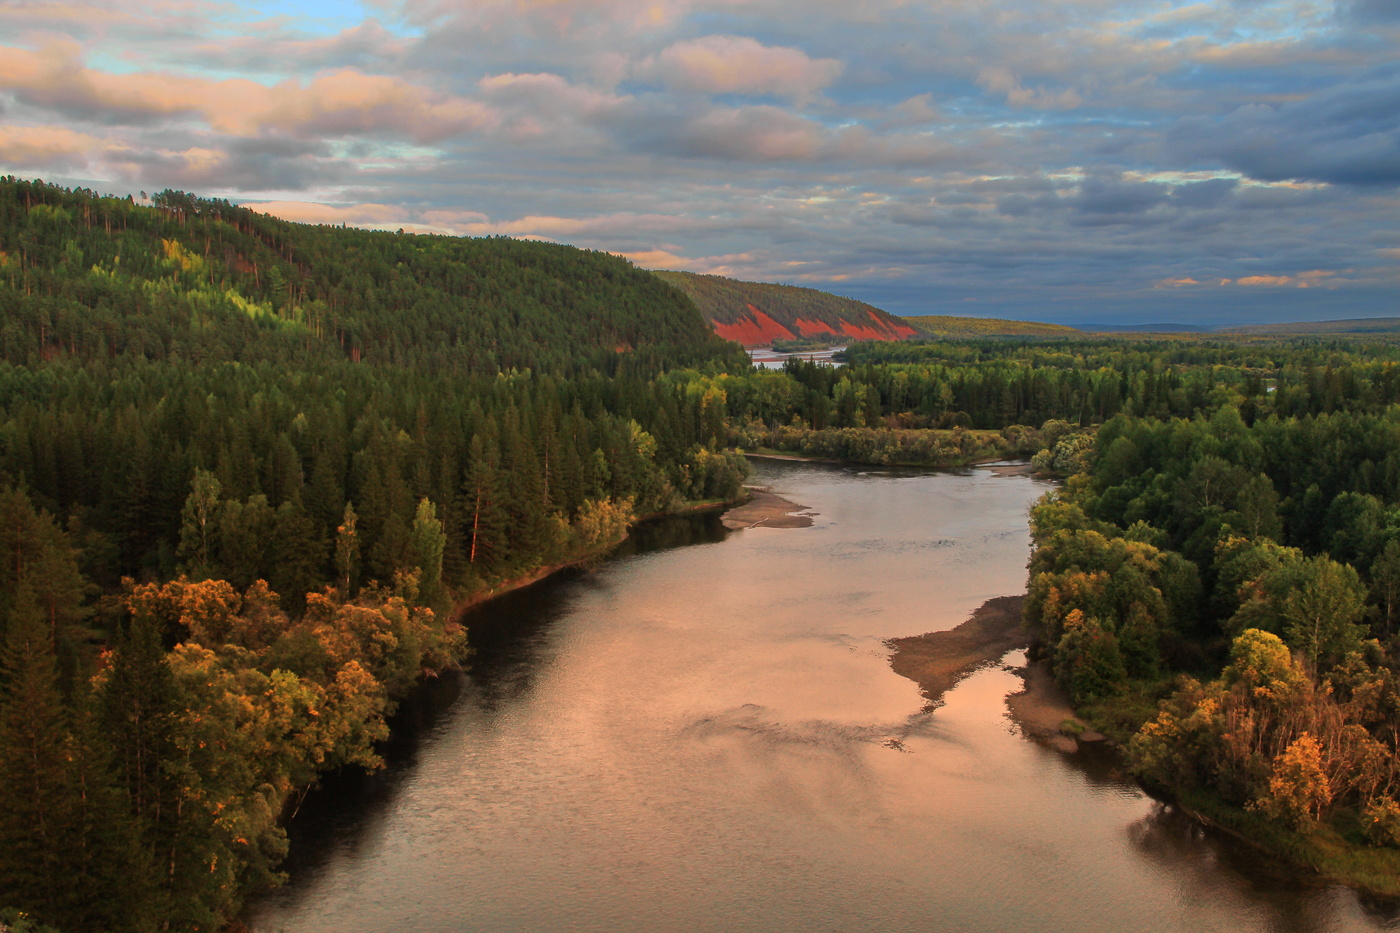 плане красивые картинки иркутской области счастья